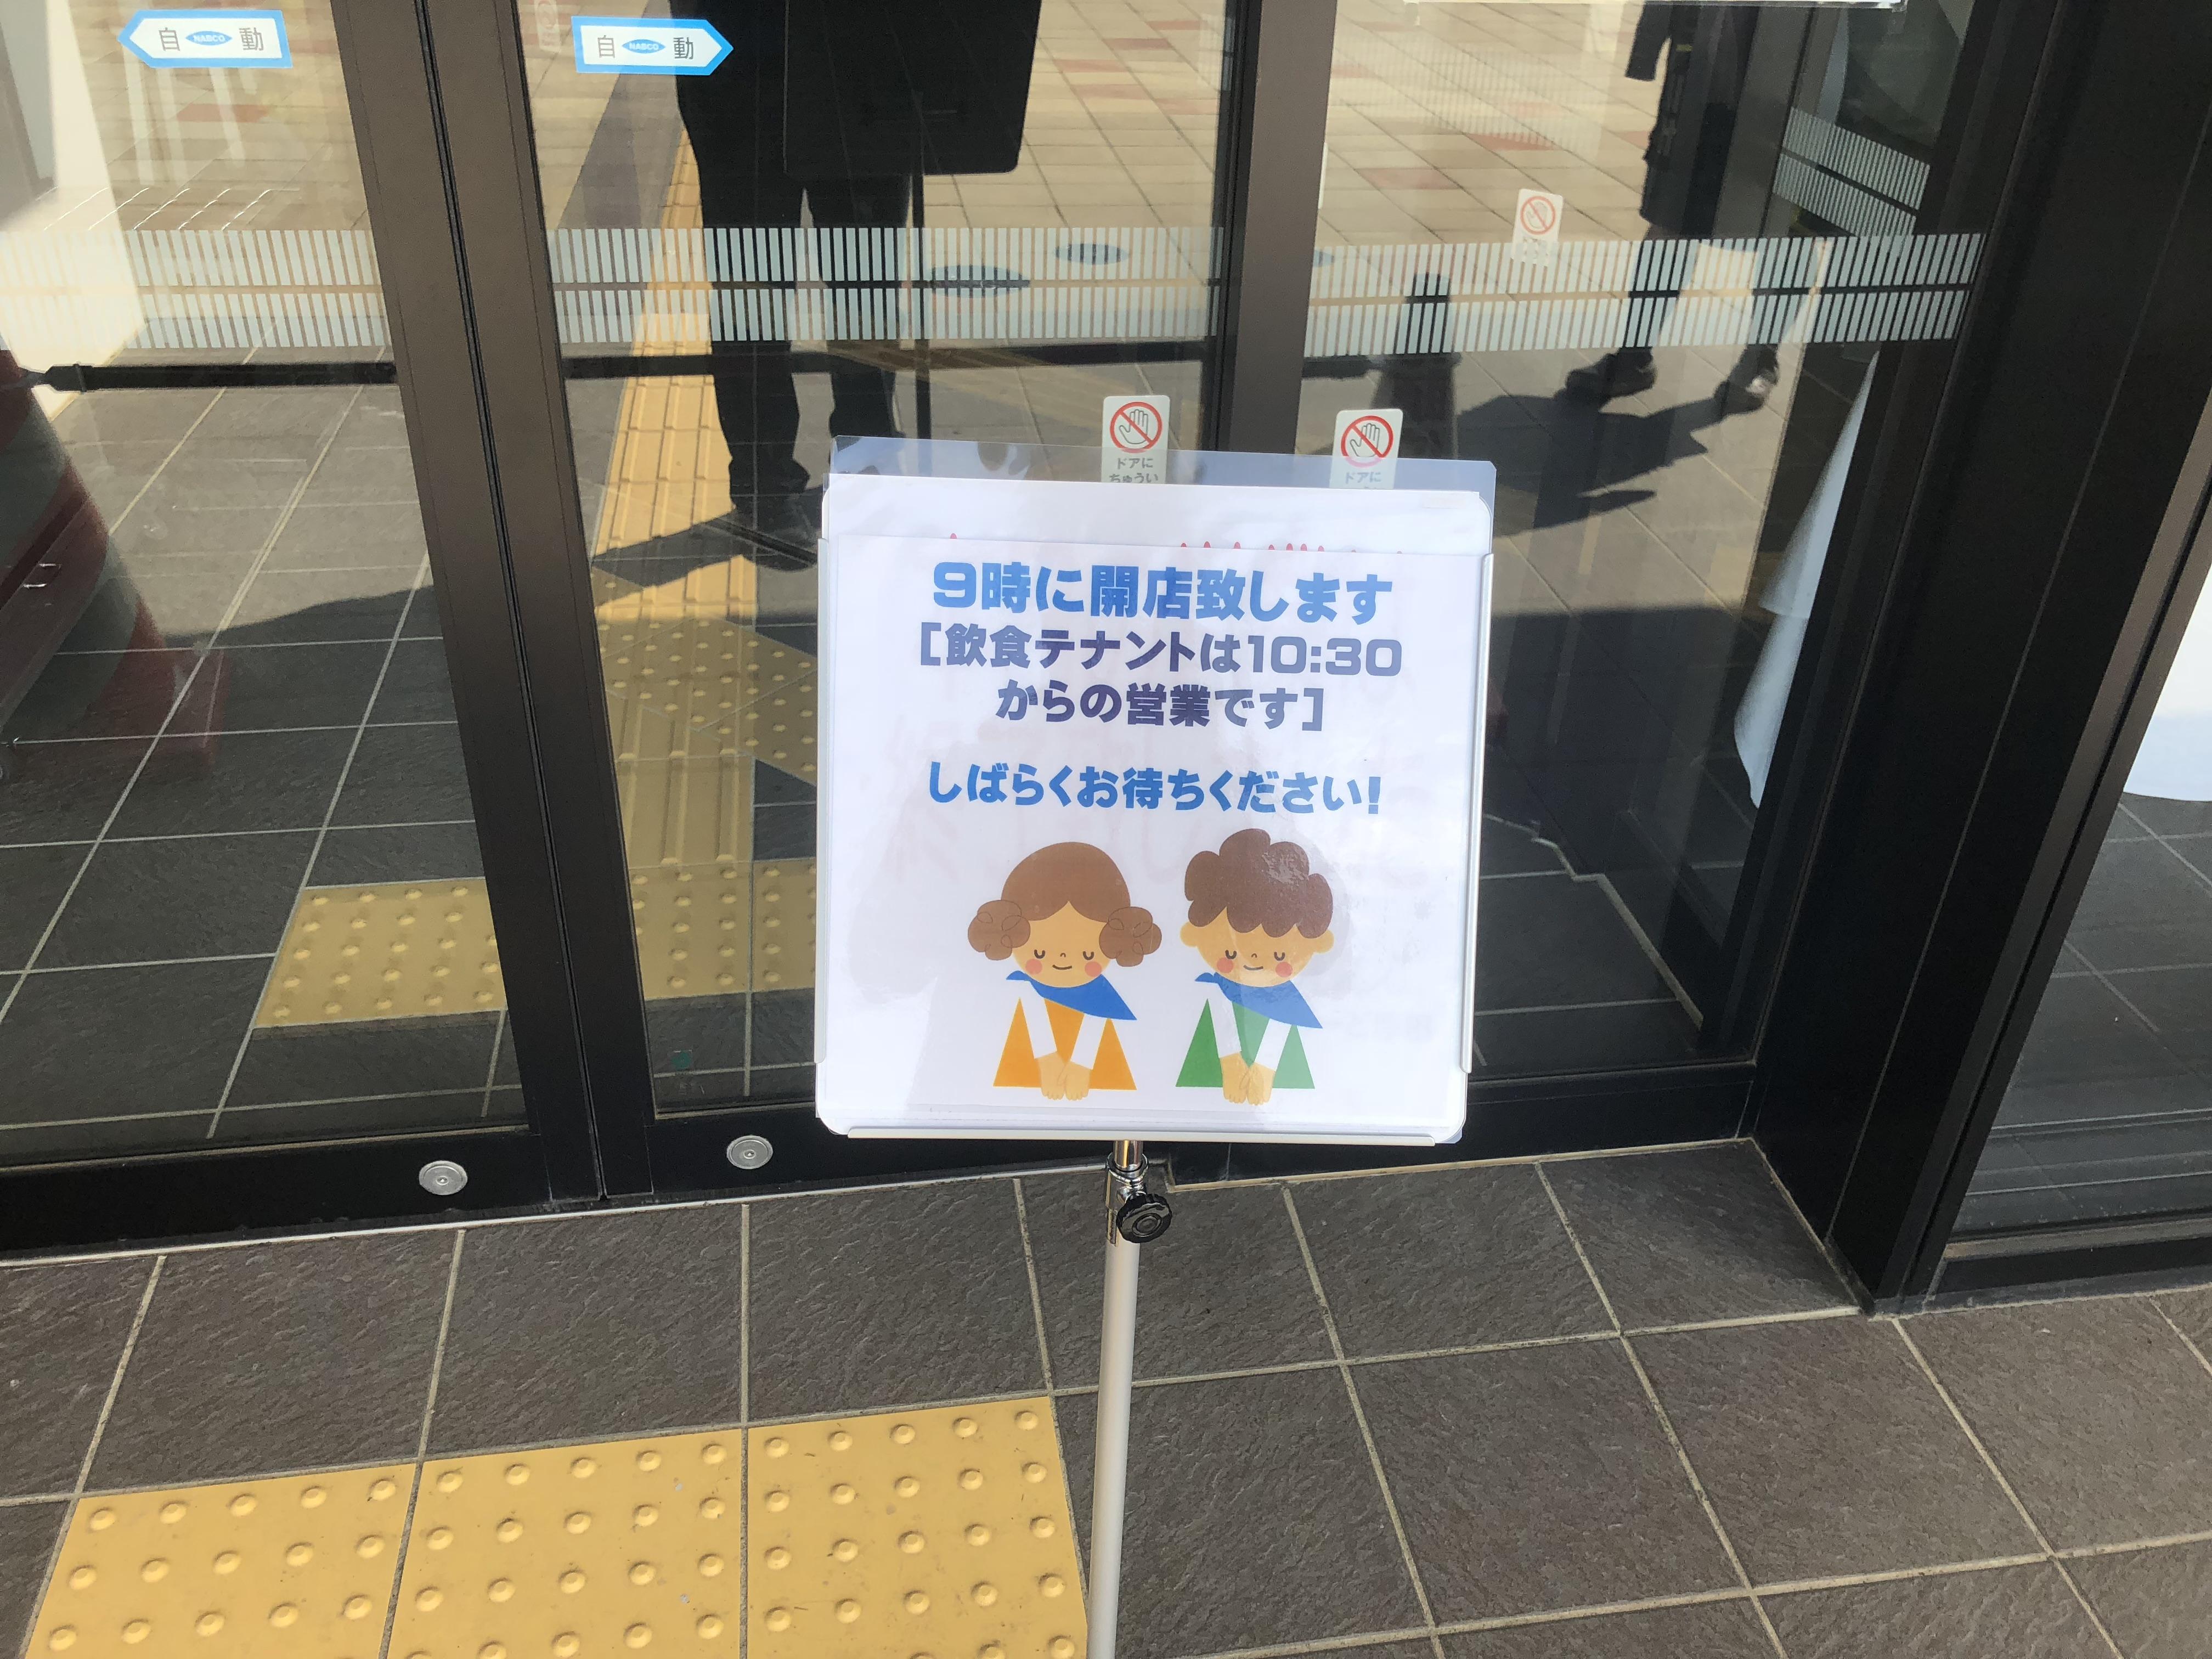 あいろーど厚田開館時間